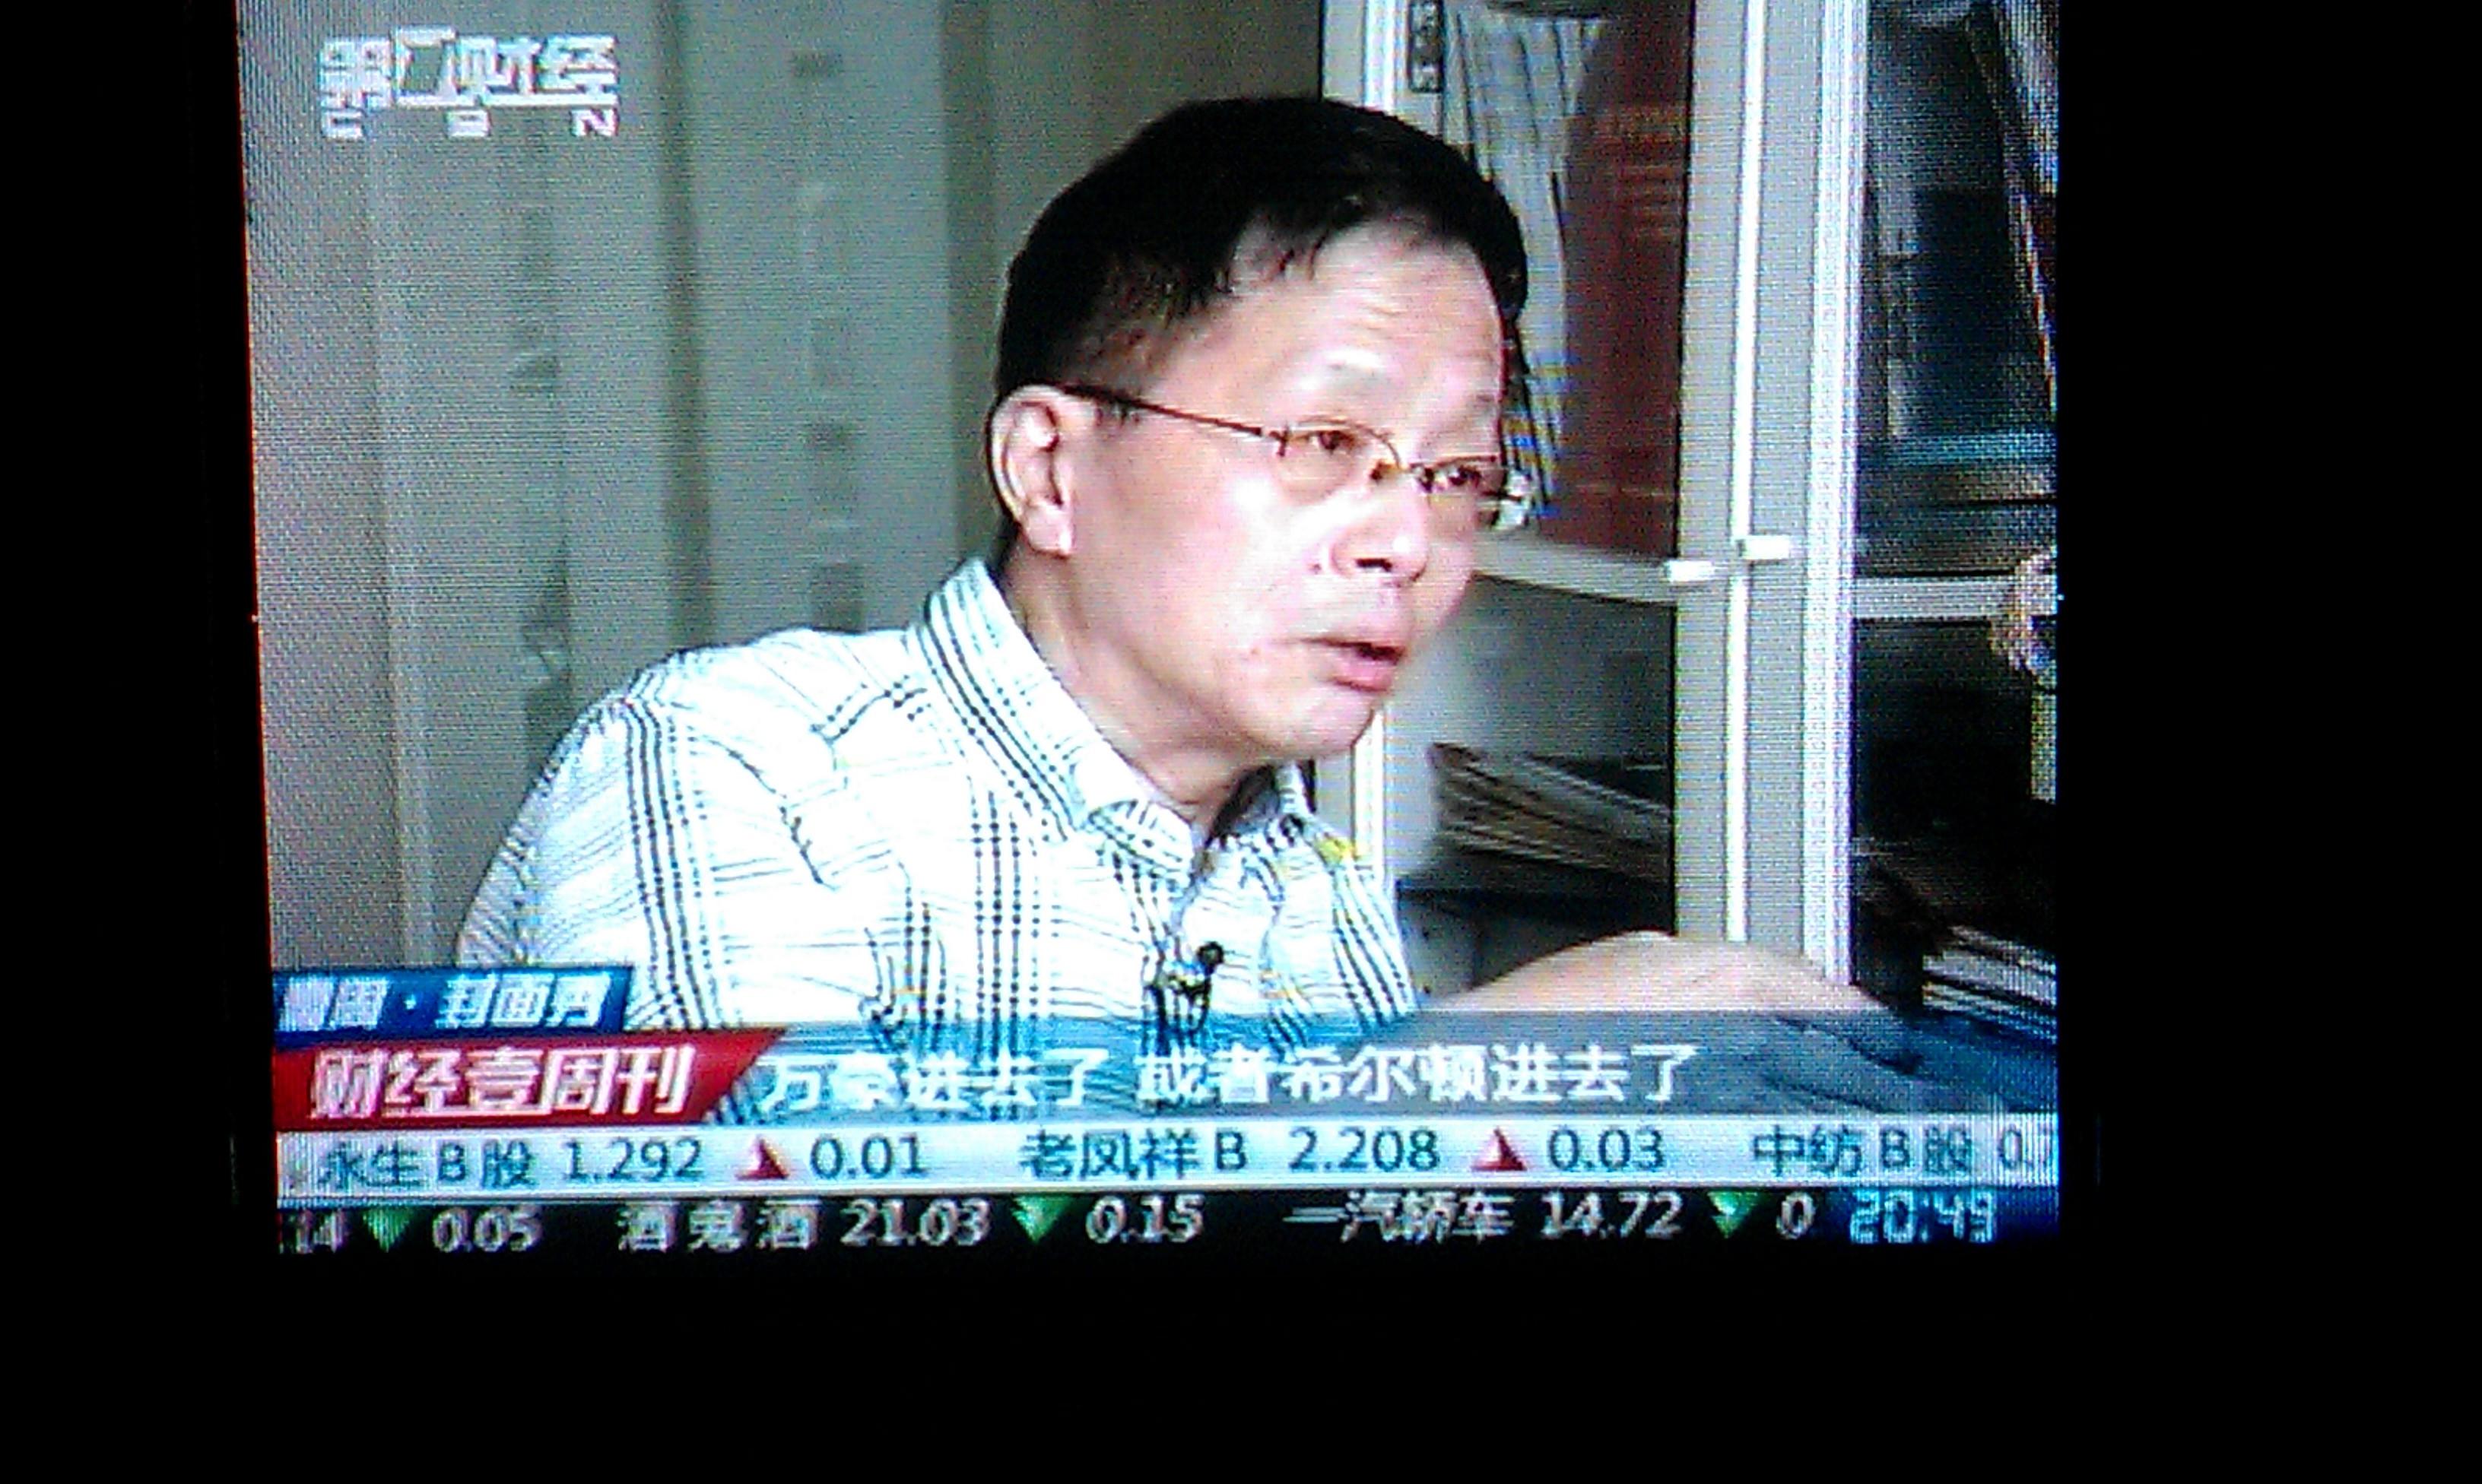 青岛住宿业餐饮业年利润总额1.5亿元;山东17市排行榜